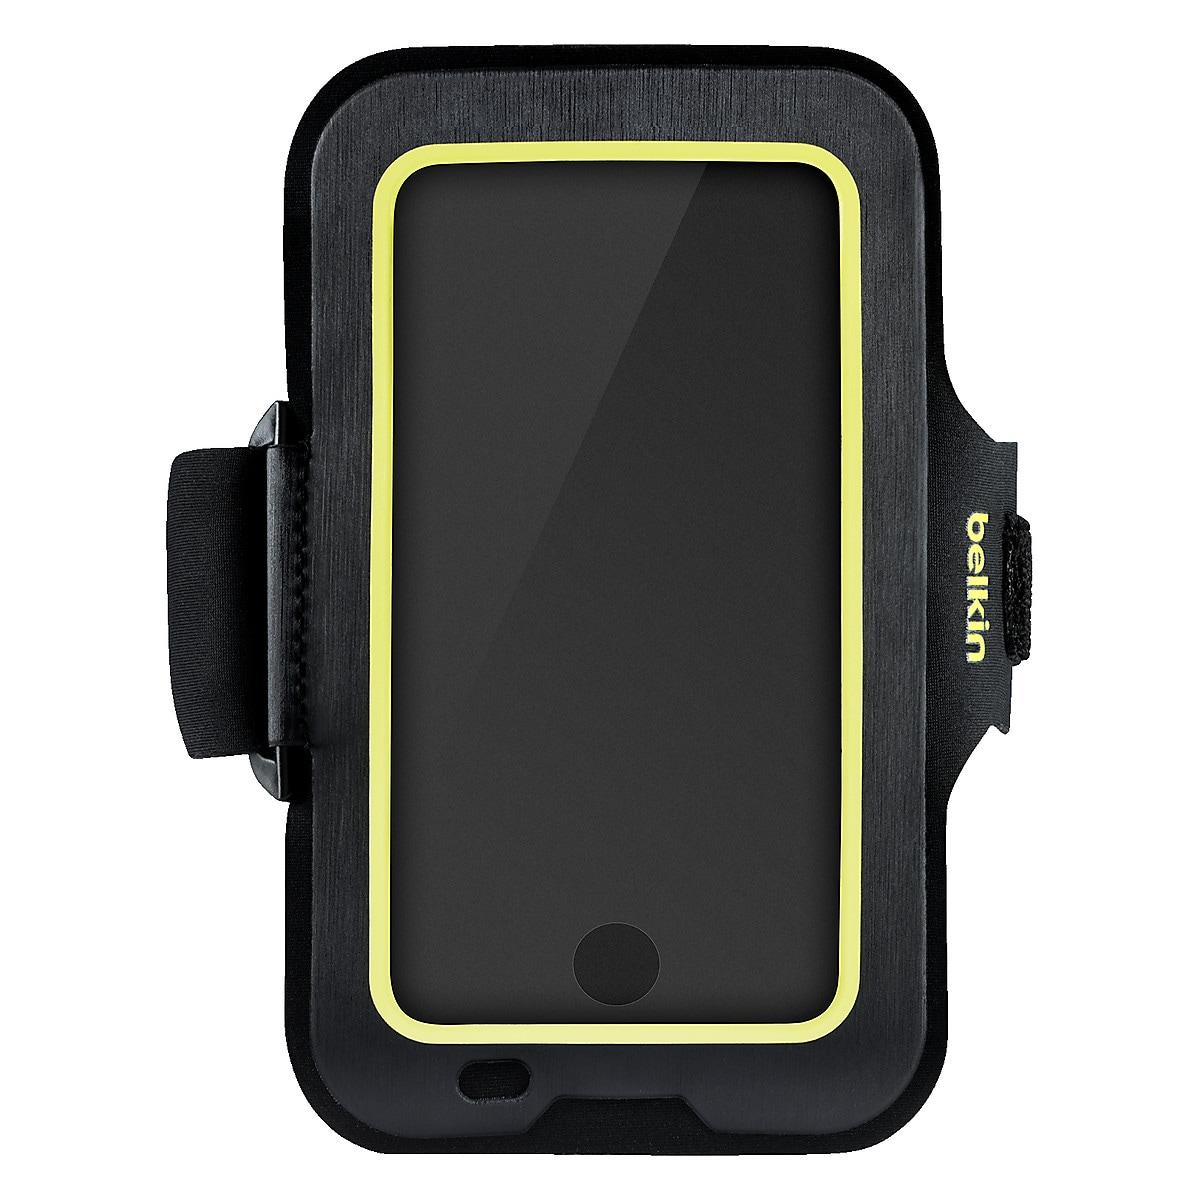 Belkin Sport Fit sportsarmbånd for iPhone 8